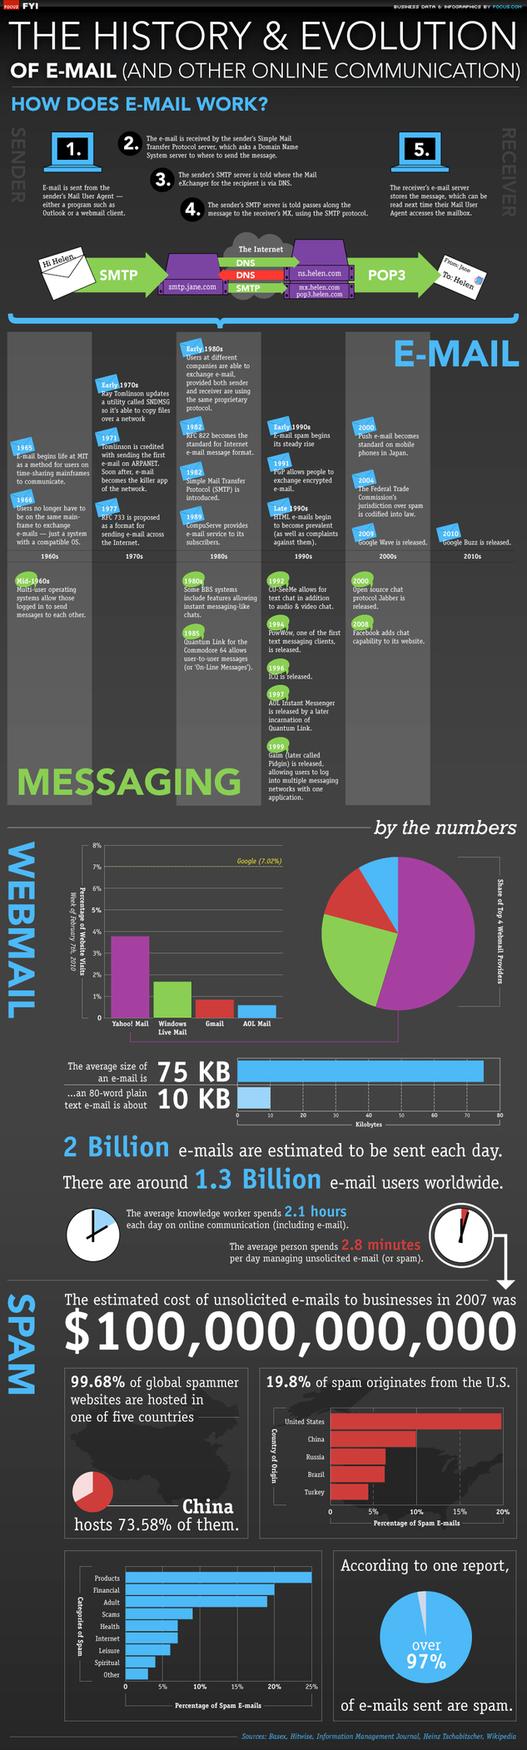 Histoire et évolution de l'email